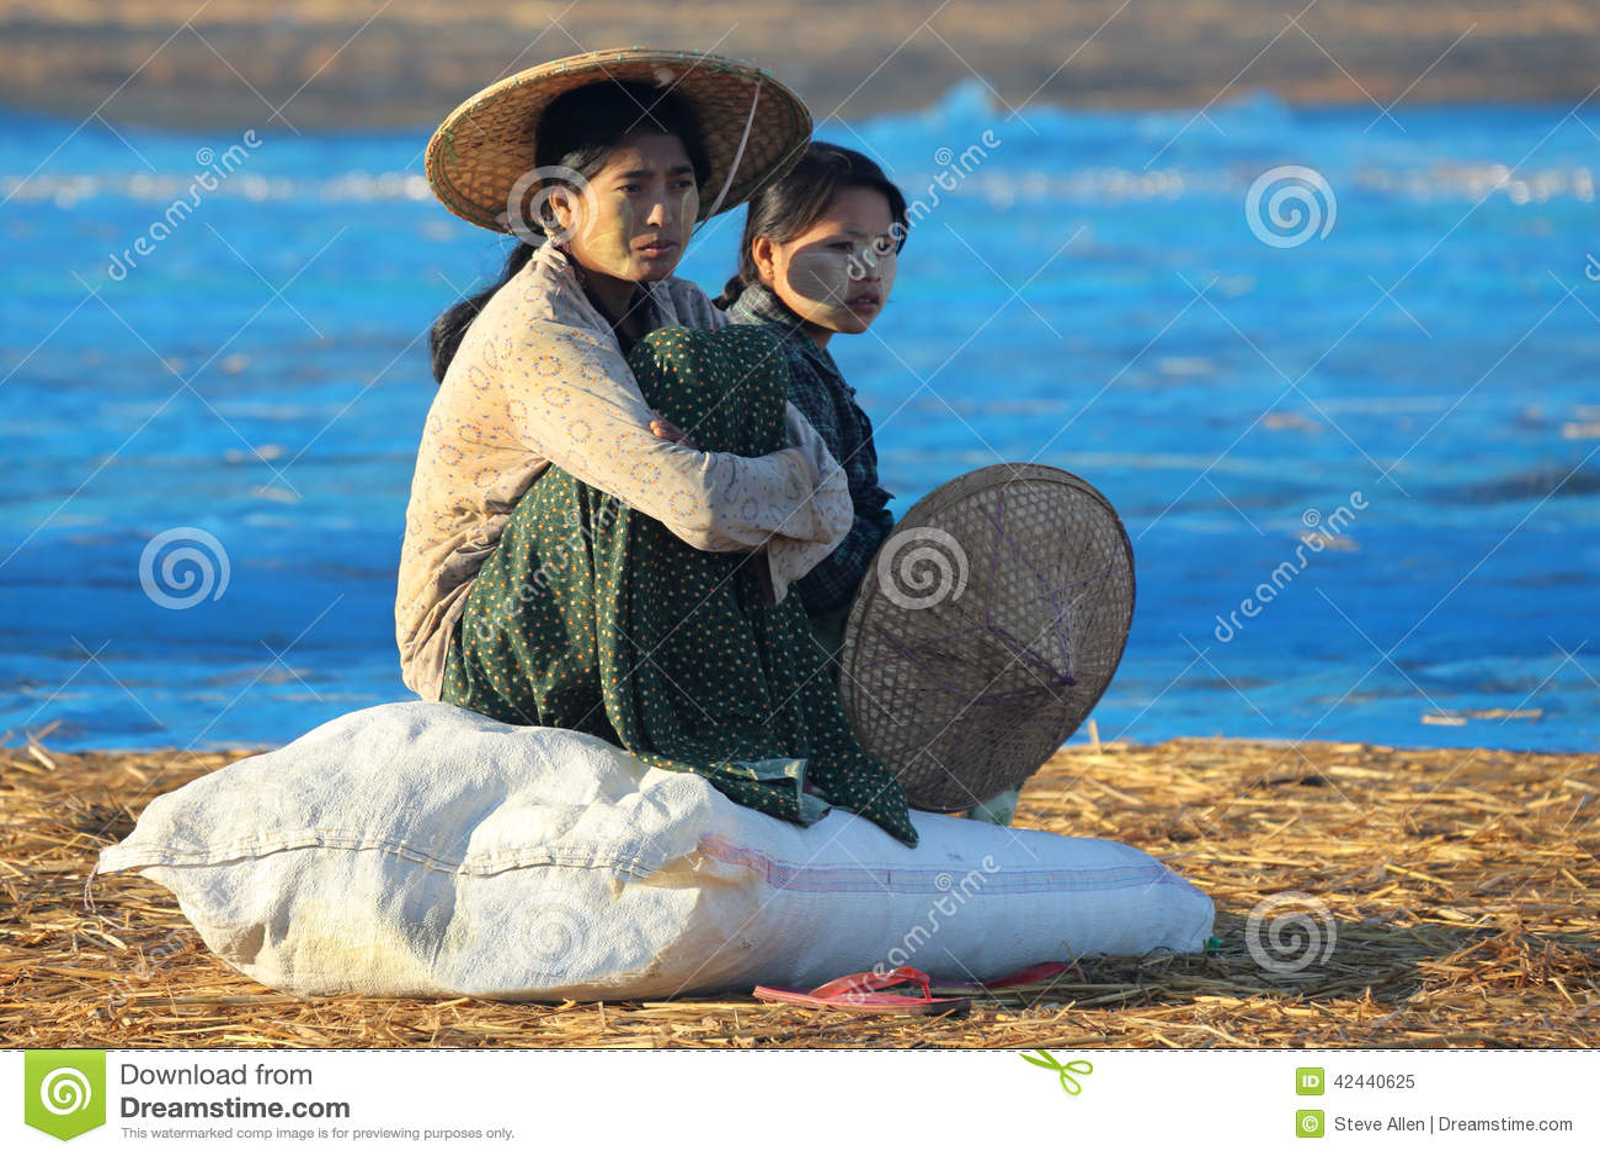 Pueblo pesquero en el amanecer - playa de Ngapali - Myanmar (Birmania)